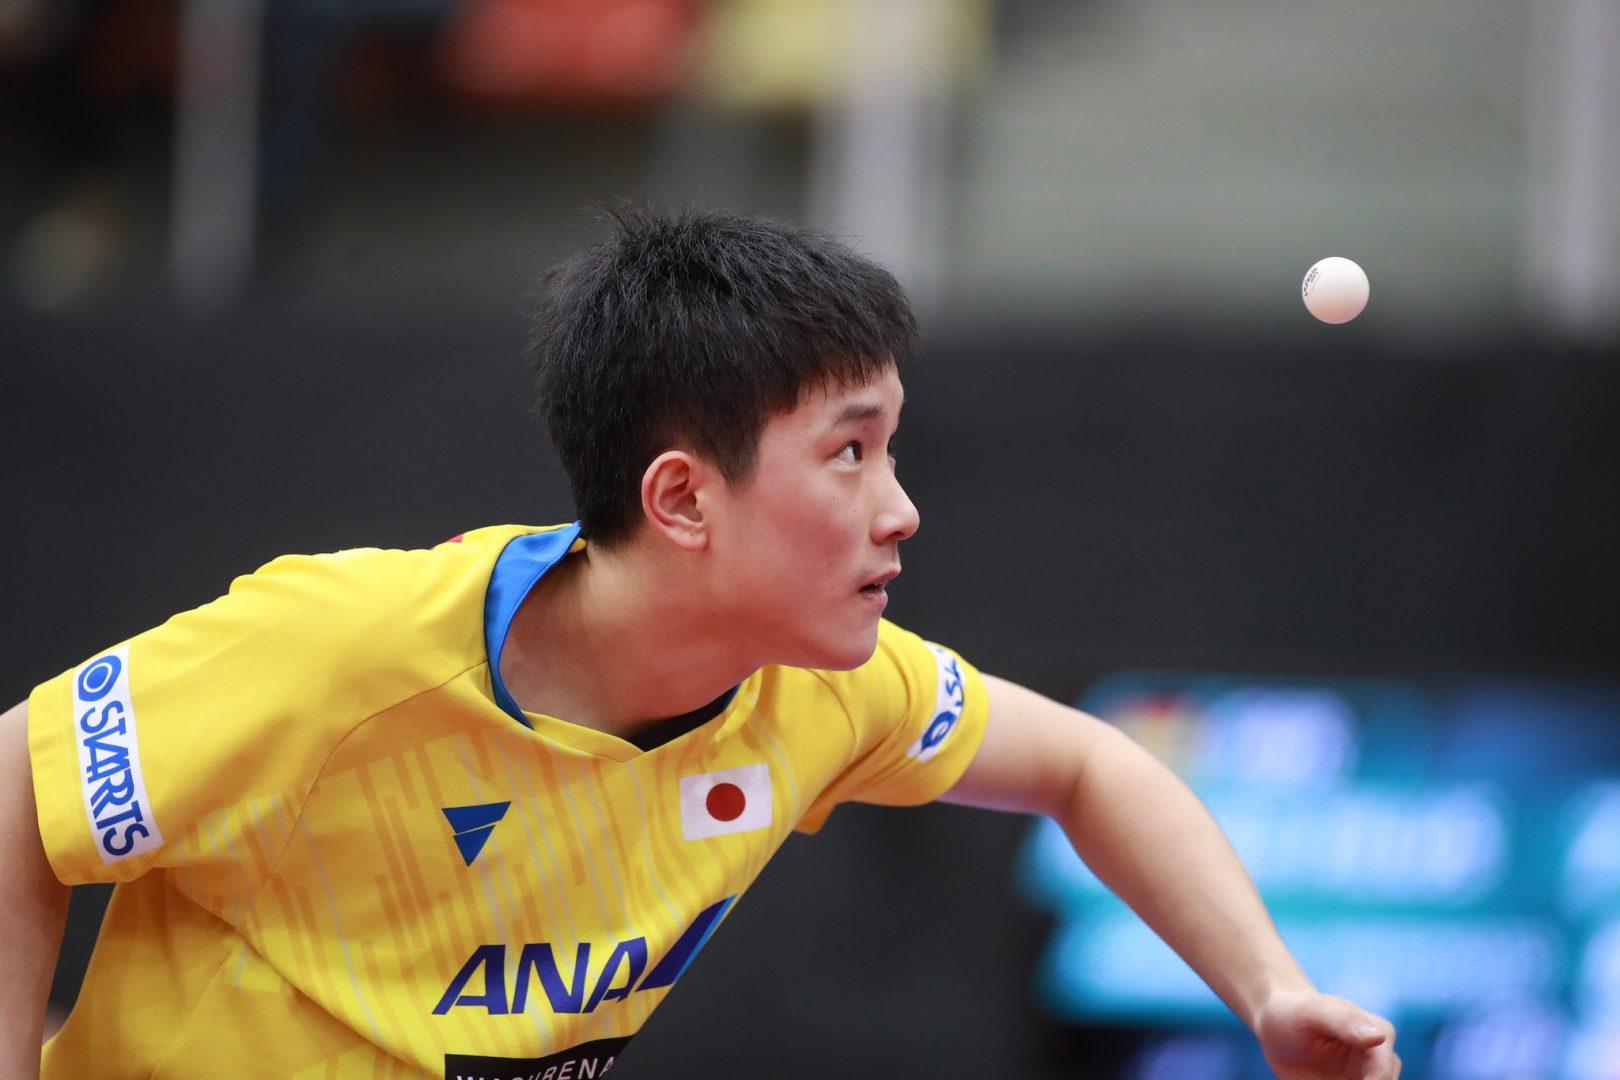 張本智和、大熱戦制せず チームW杯のリベンジ許す<卓球・オーストリアオープン>